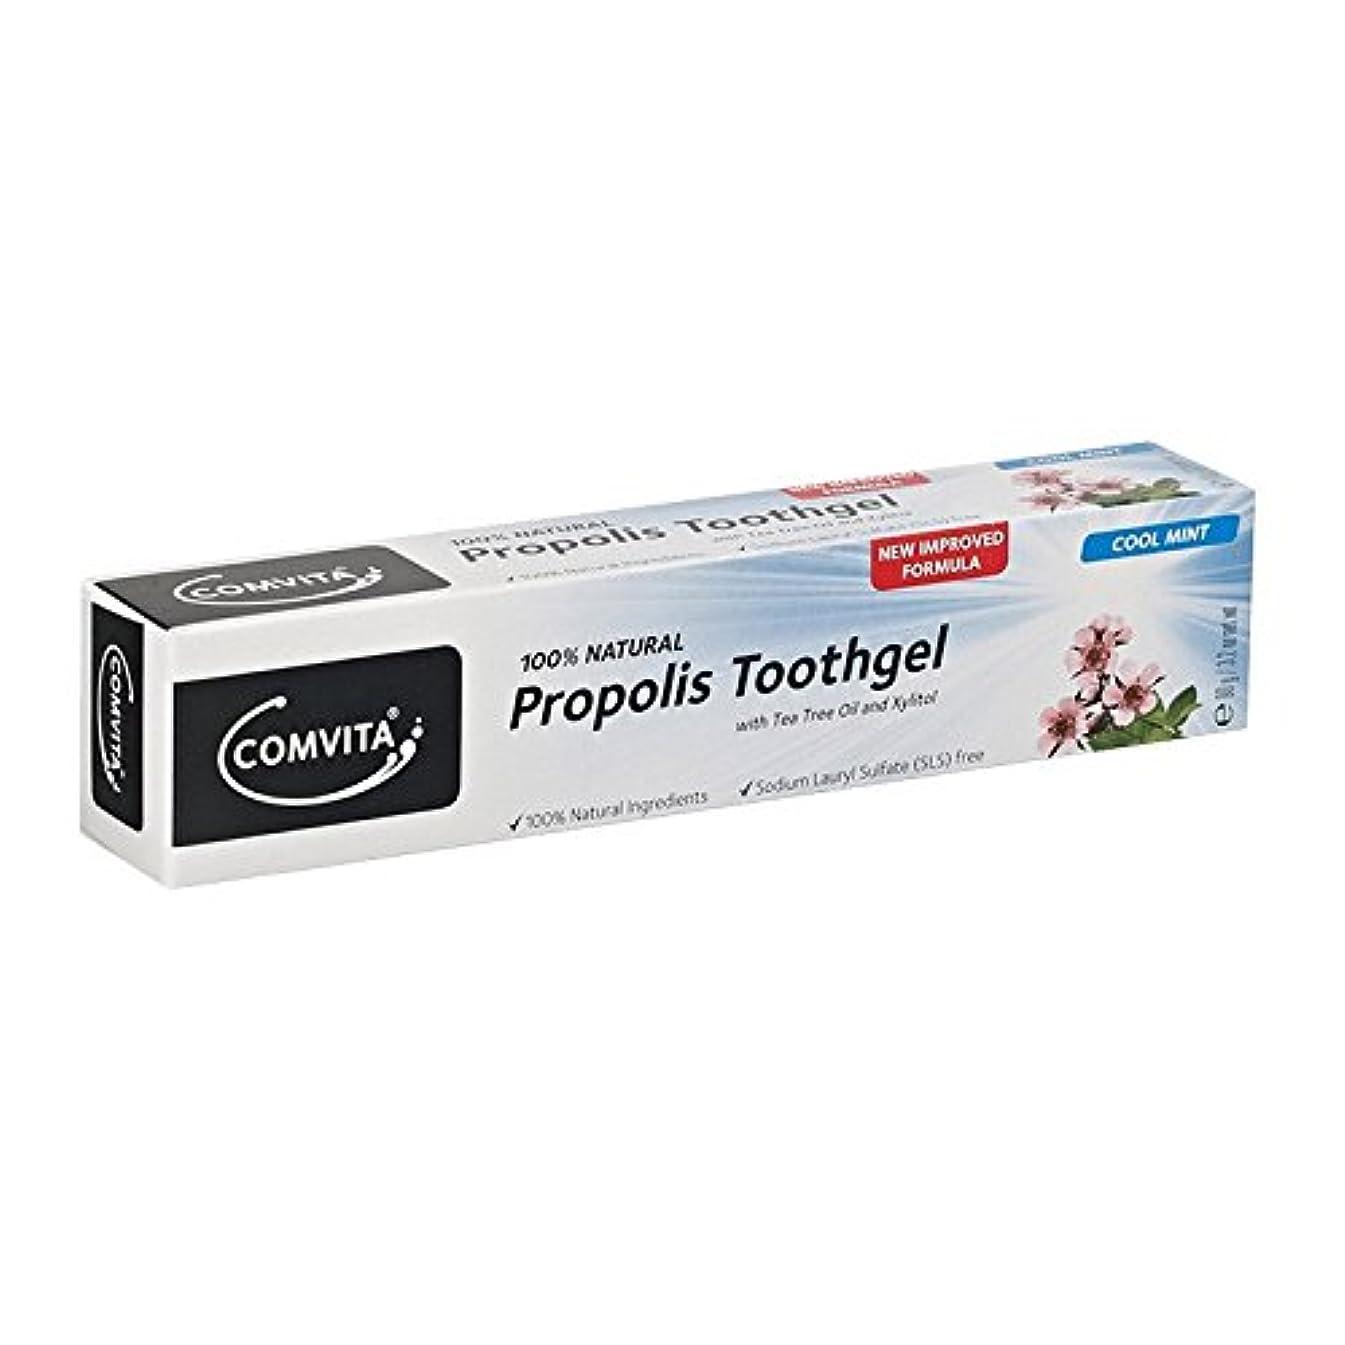 落ち込んでいる水陸両用石Comvita 100 Natural Propolis Toothgel (Pack of 2) - コンビタ100天然プロポリスToothgel (x2) [並行輸入品]